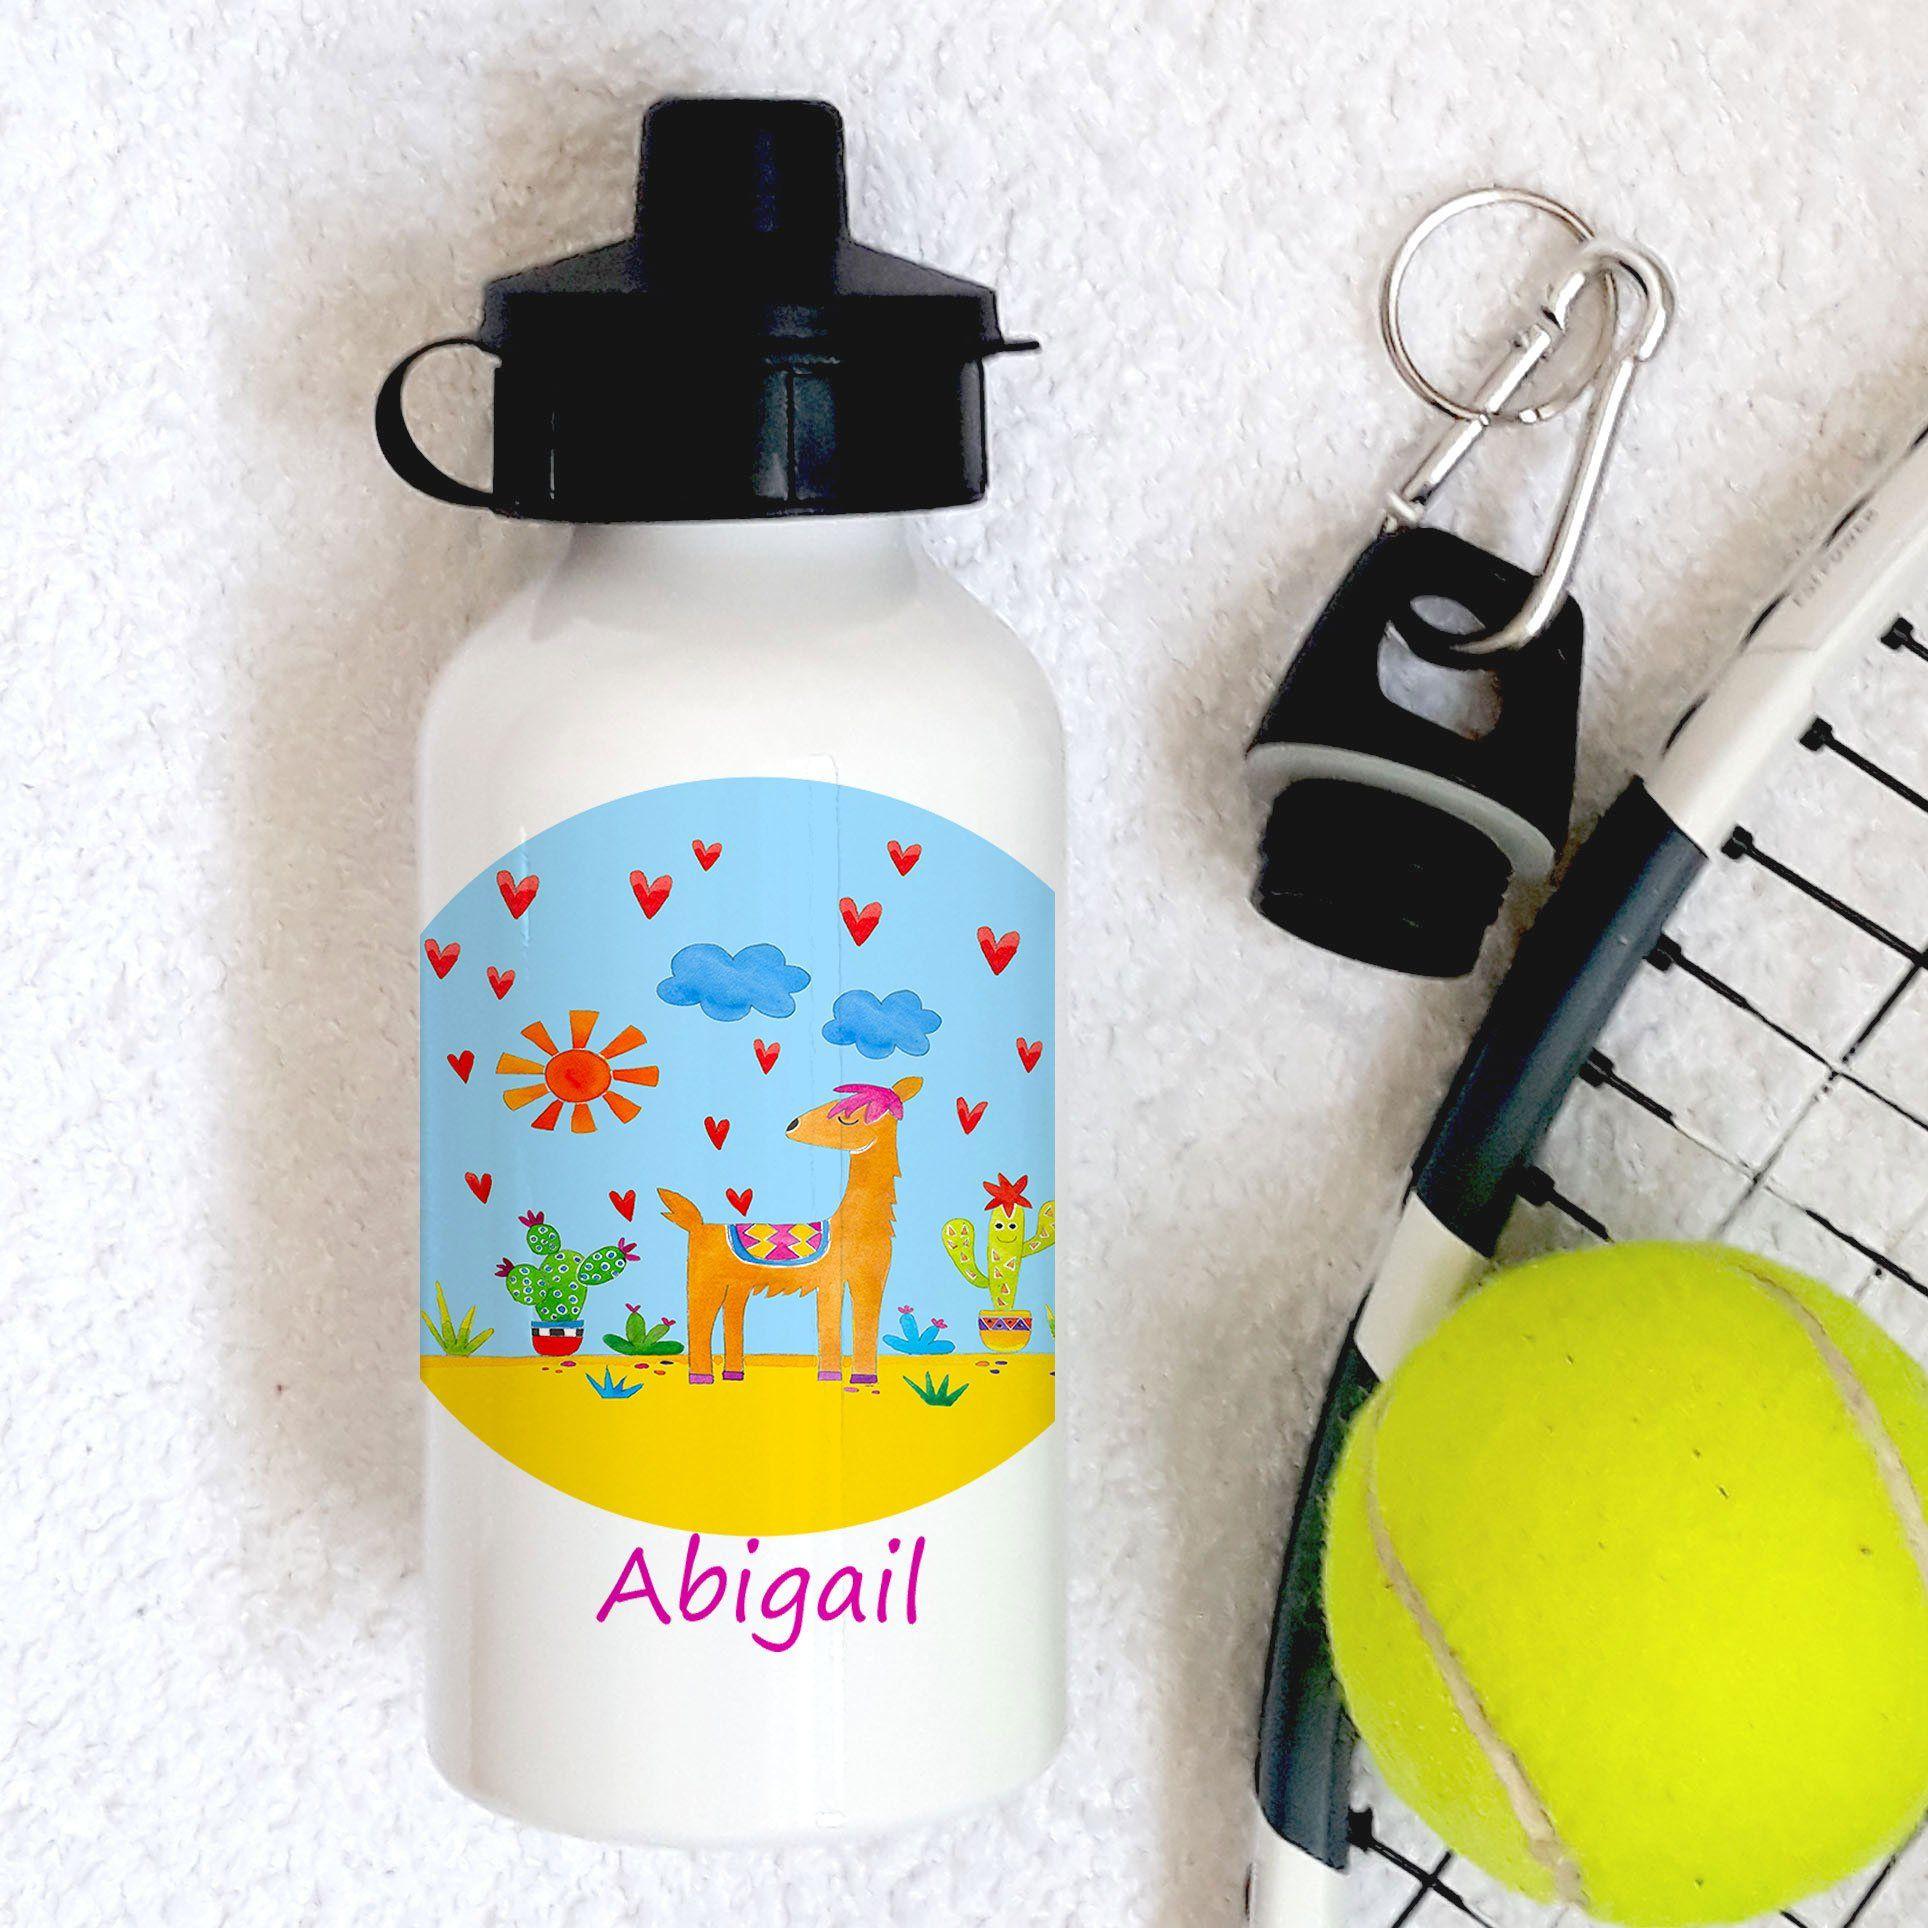 494659834c Personalised Drinks Bottle, Llarma Bottle,Personalised Water Bottles,Personalised  Gifts,Aluminium Bottle